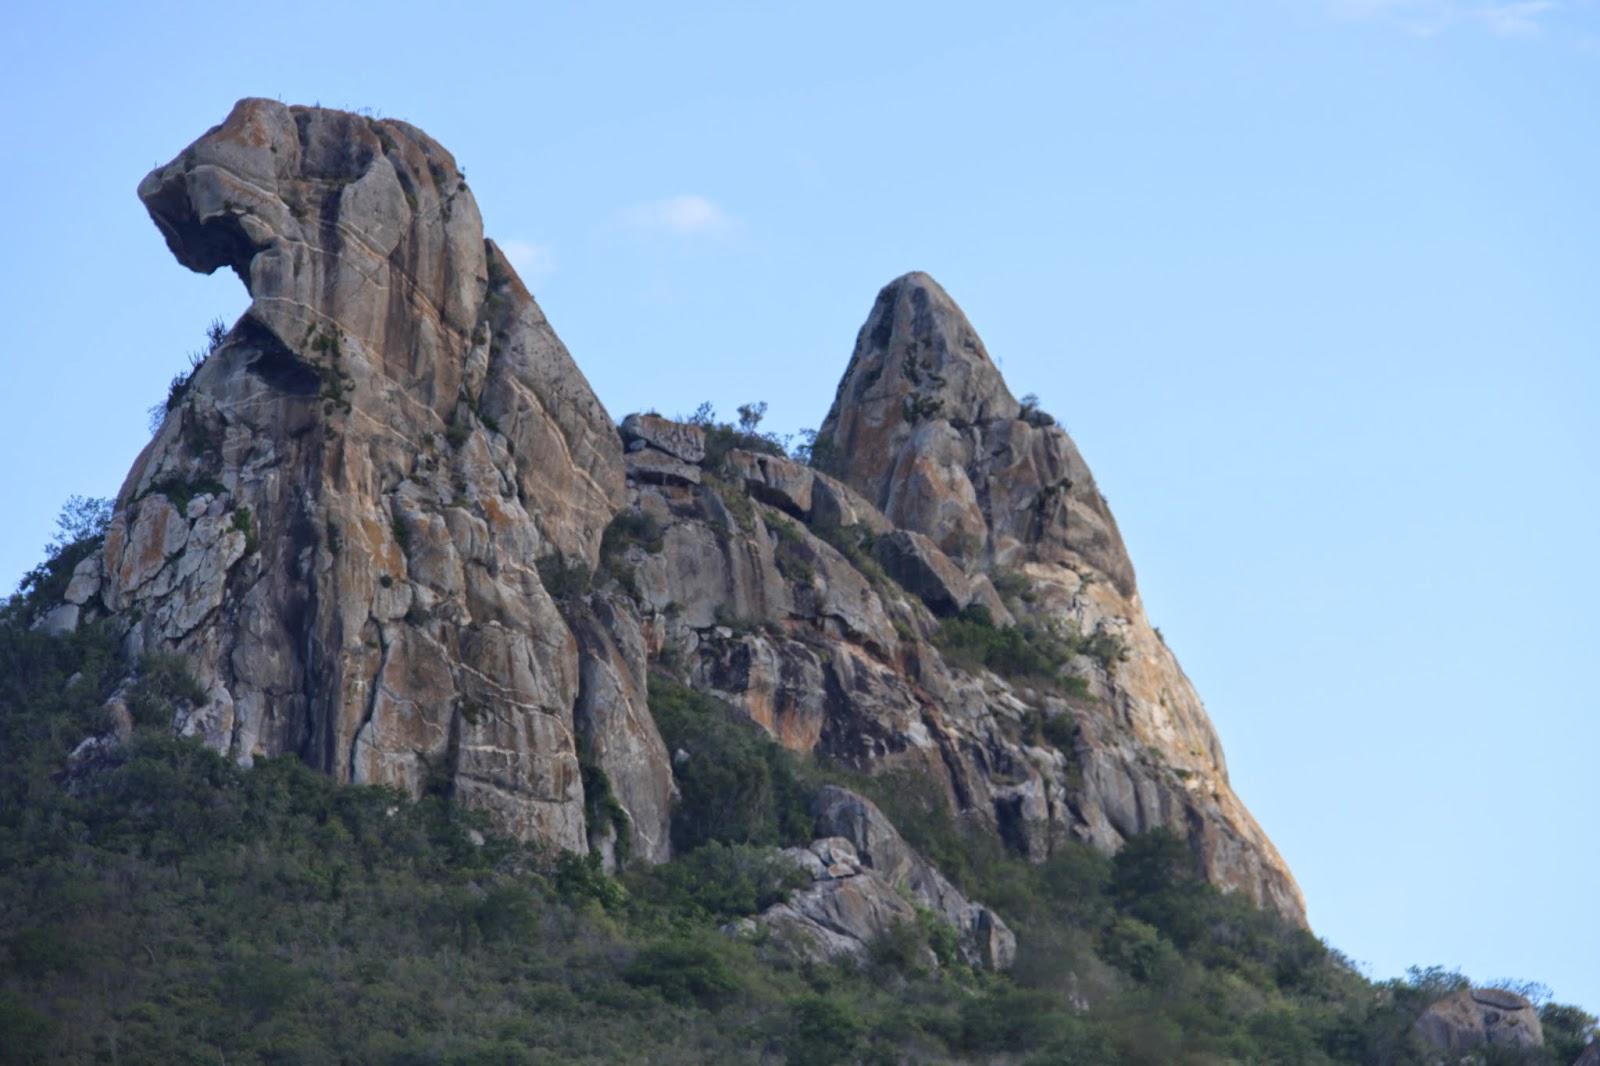 a6a1d956a Pedra da Galinha, postal de Quixadá no acude que é o primeiro do nordeste,  construído no inicio do seculo 20, por mãos escravas ainda.